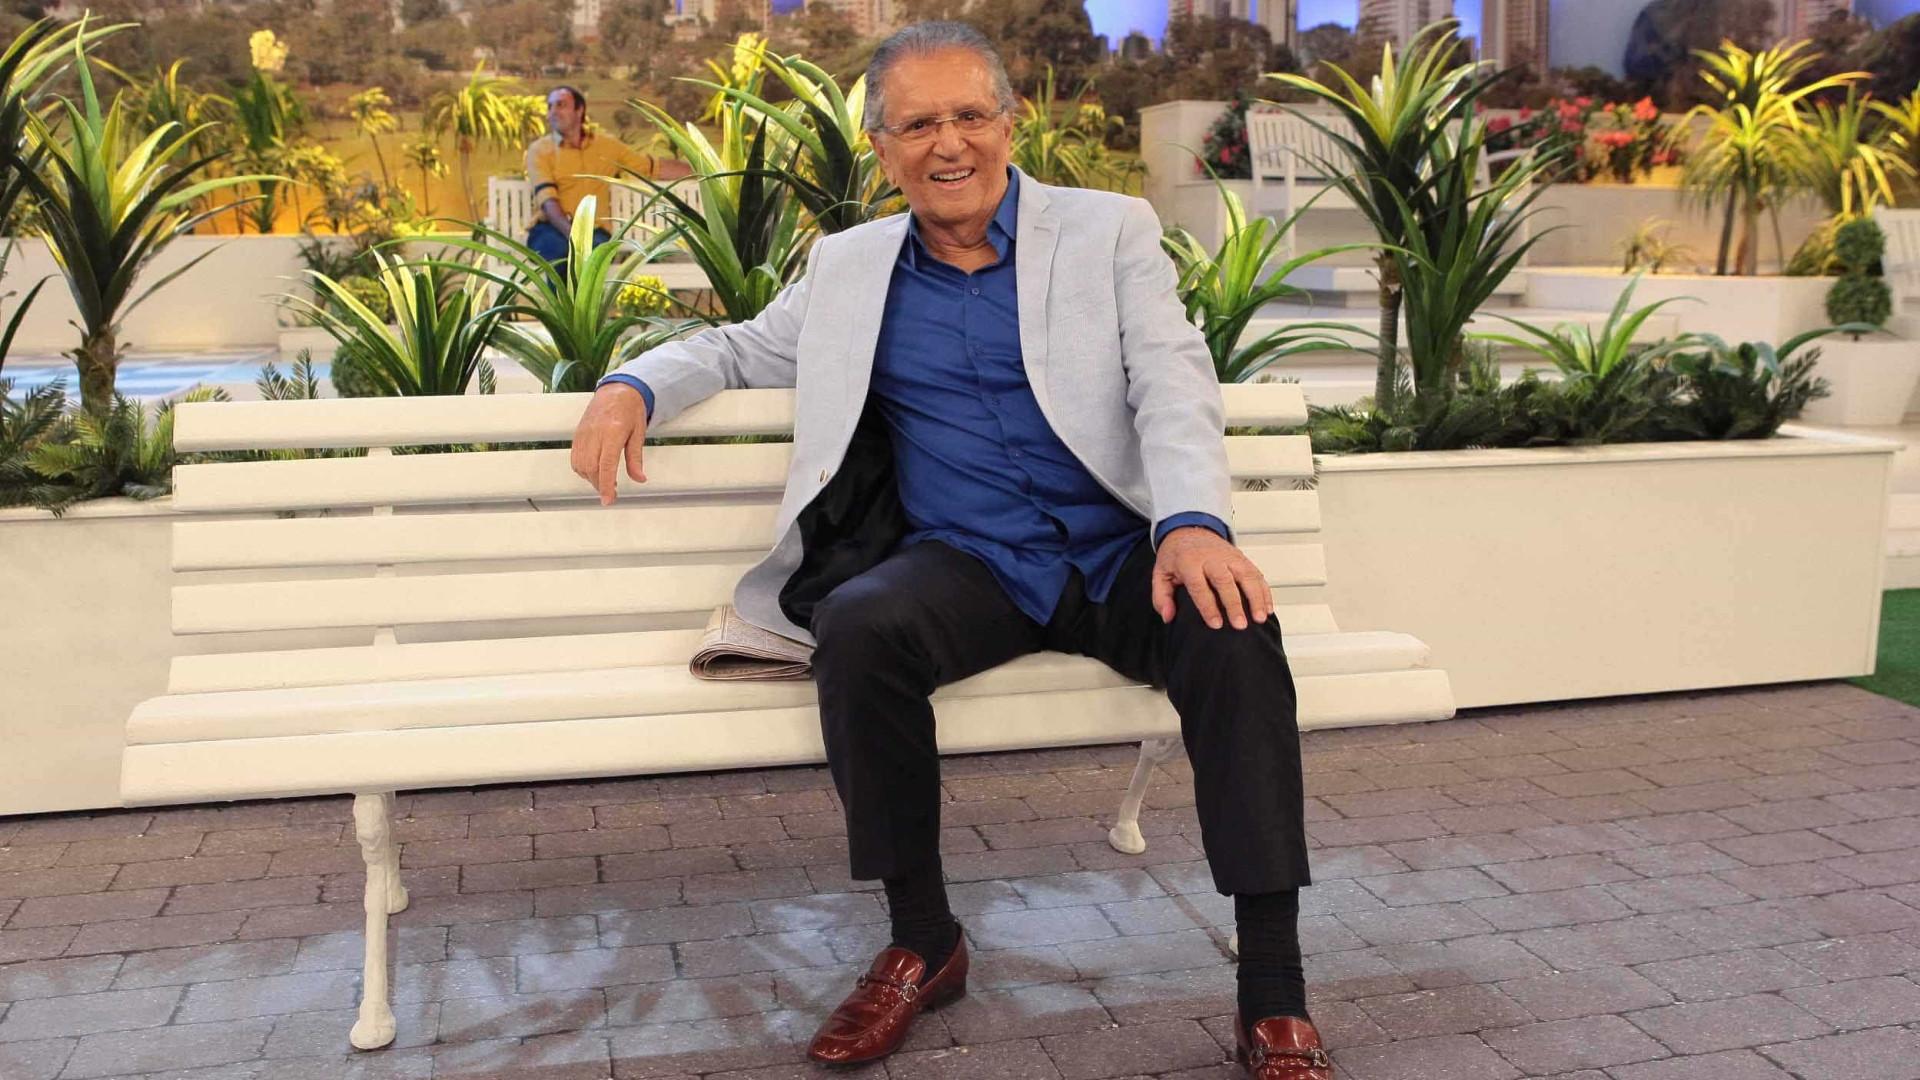 Carlos Alberto de Nóbrega: 'Demissão não afeta a 'Praça', mas o SBT'